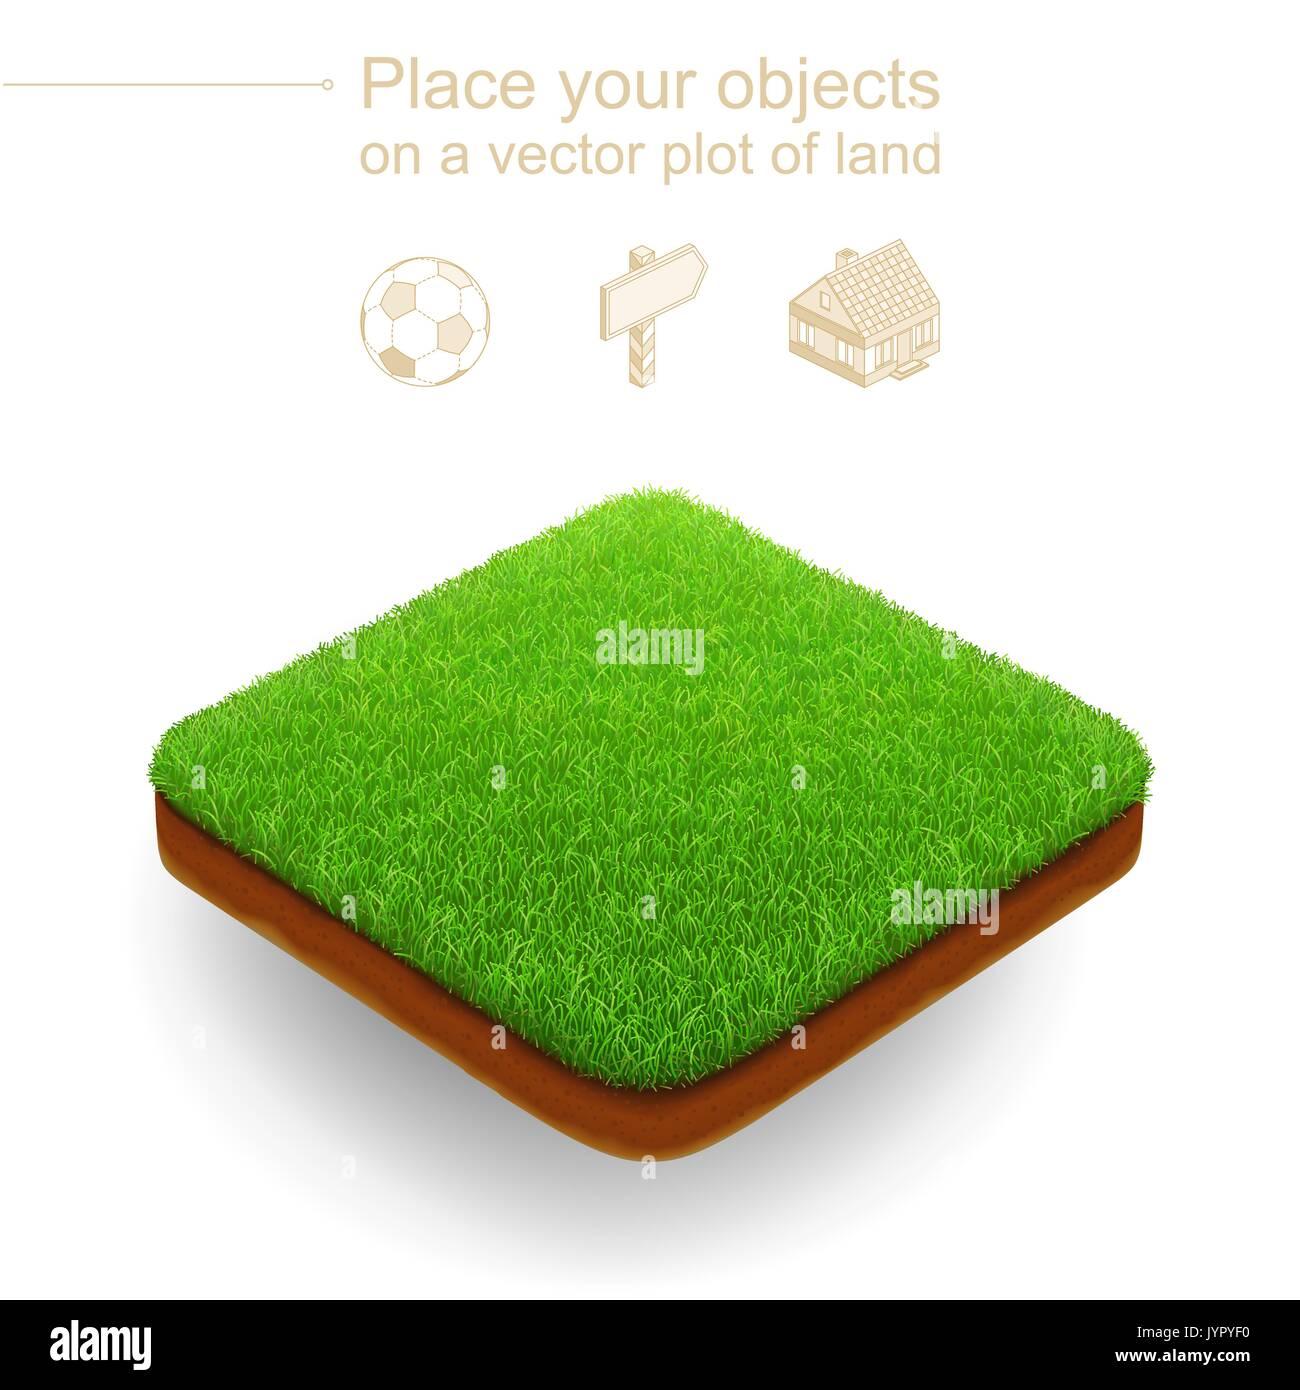 Above Ground Garden Instructions